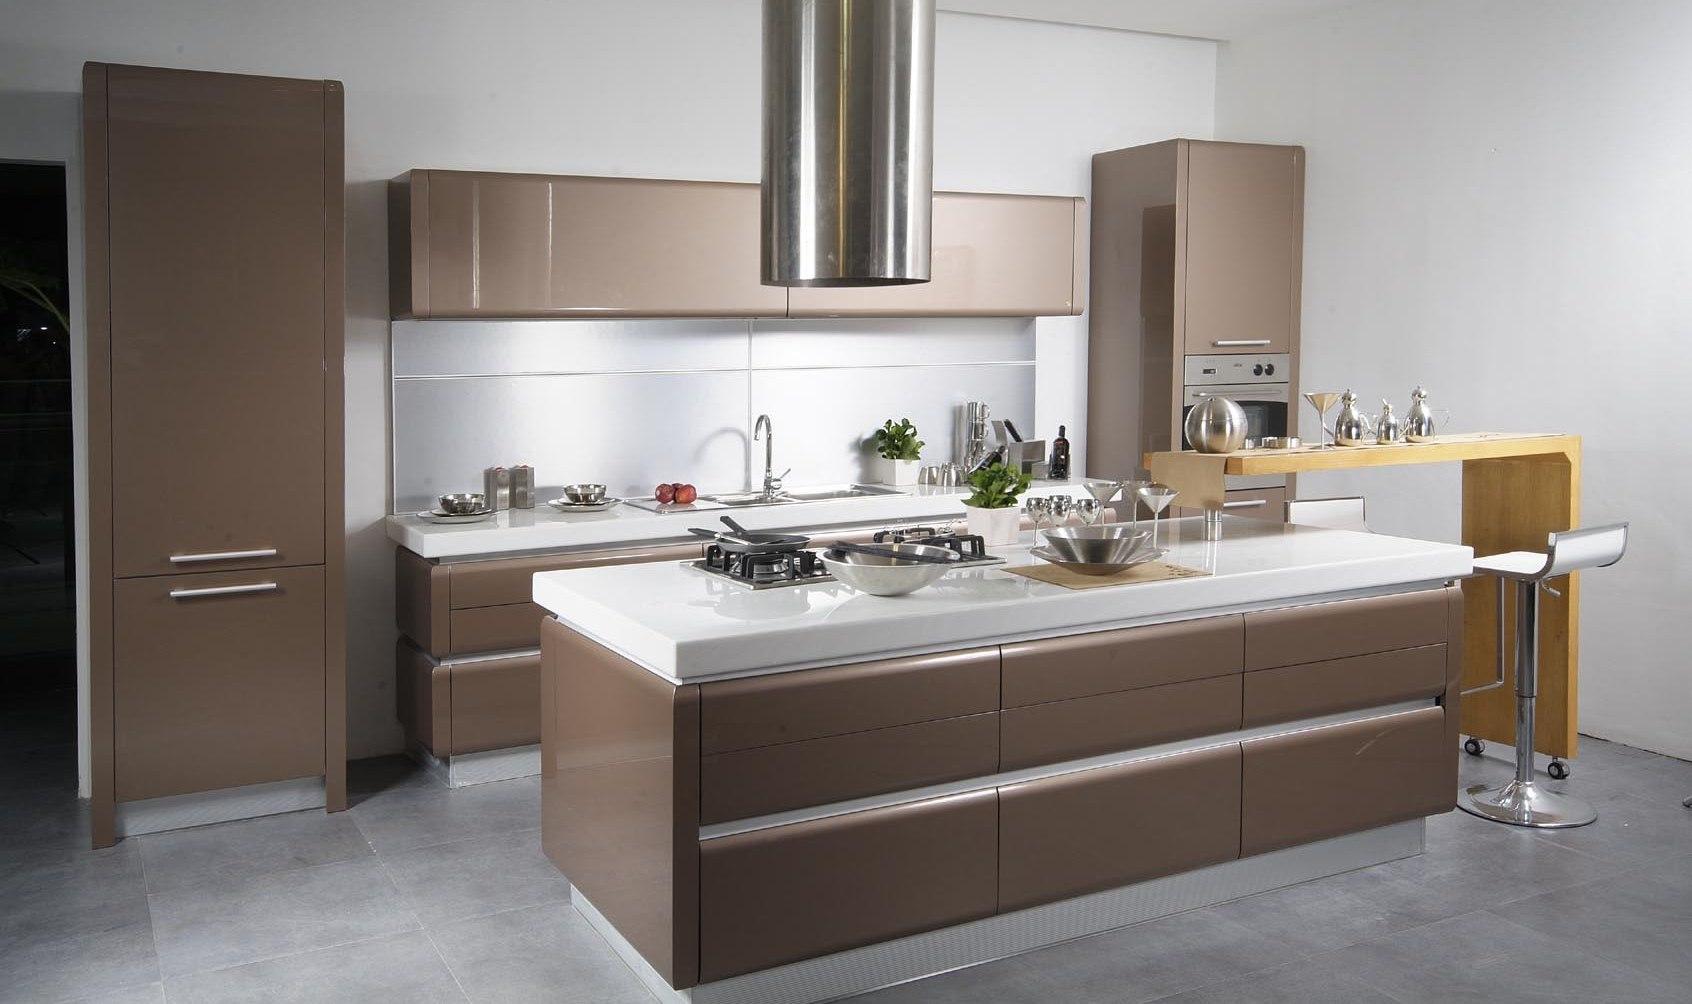 Современный бело-коричневый кухонный гарнитур